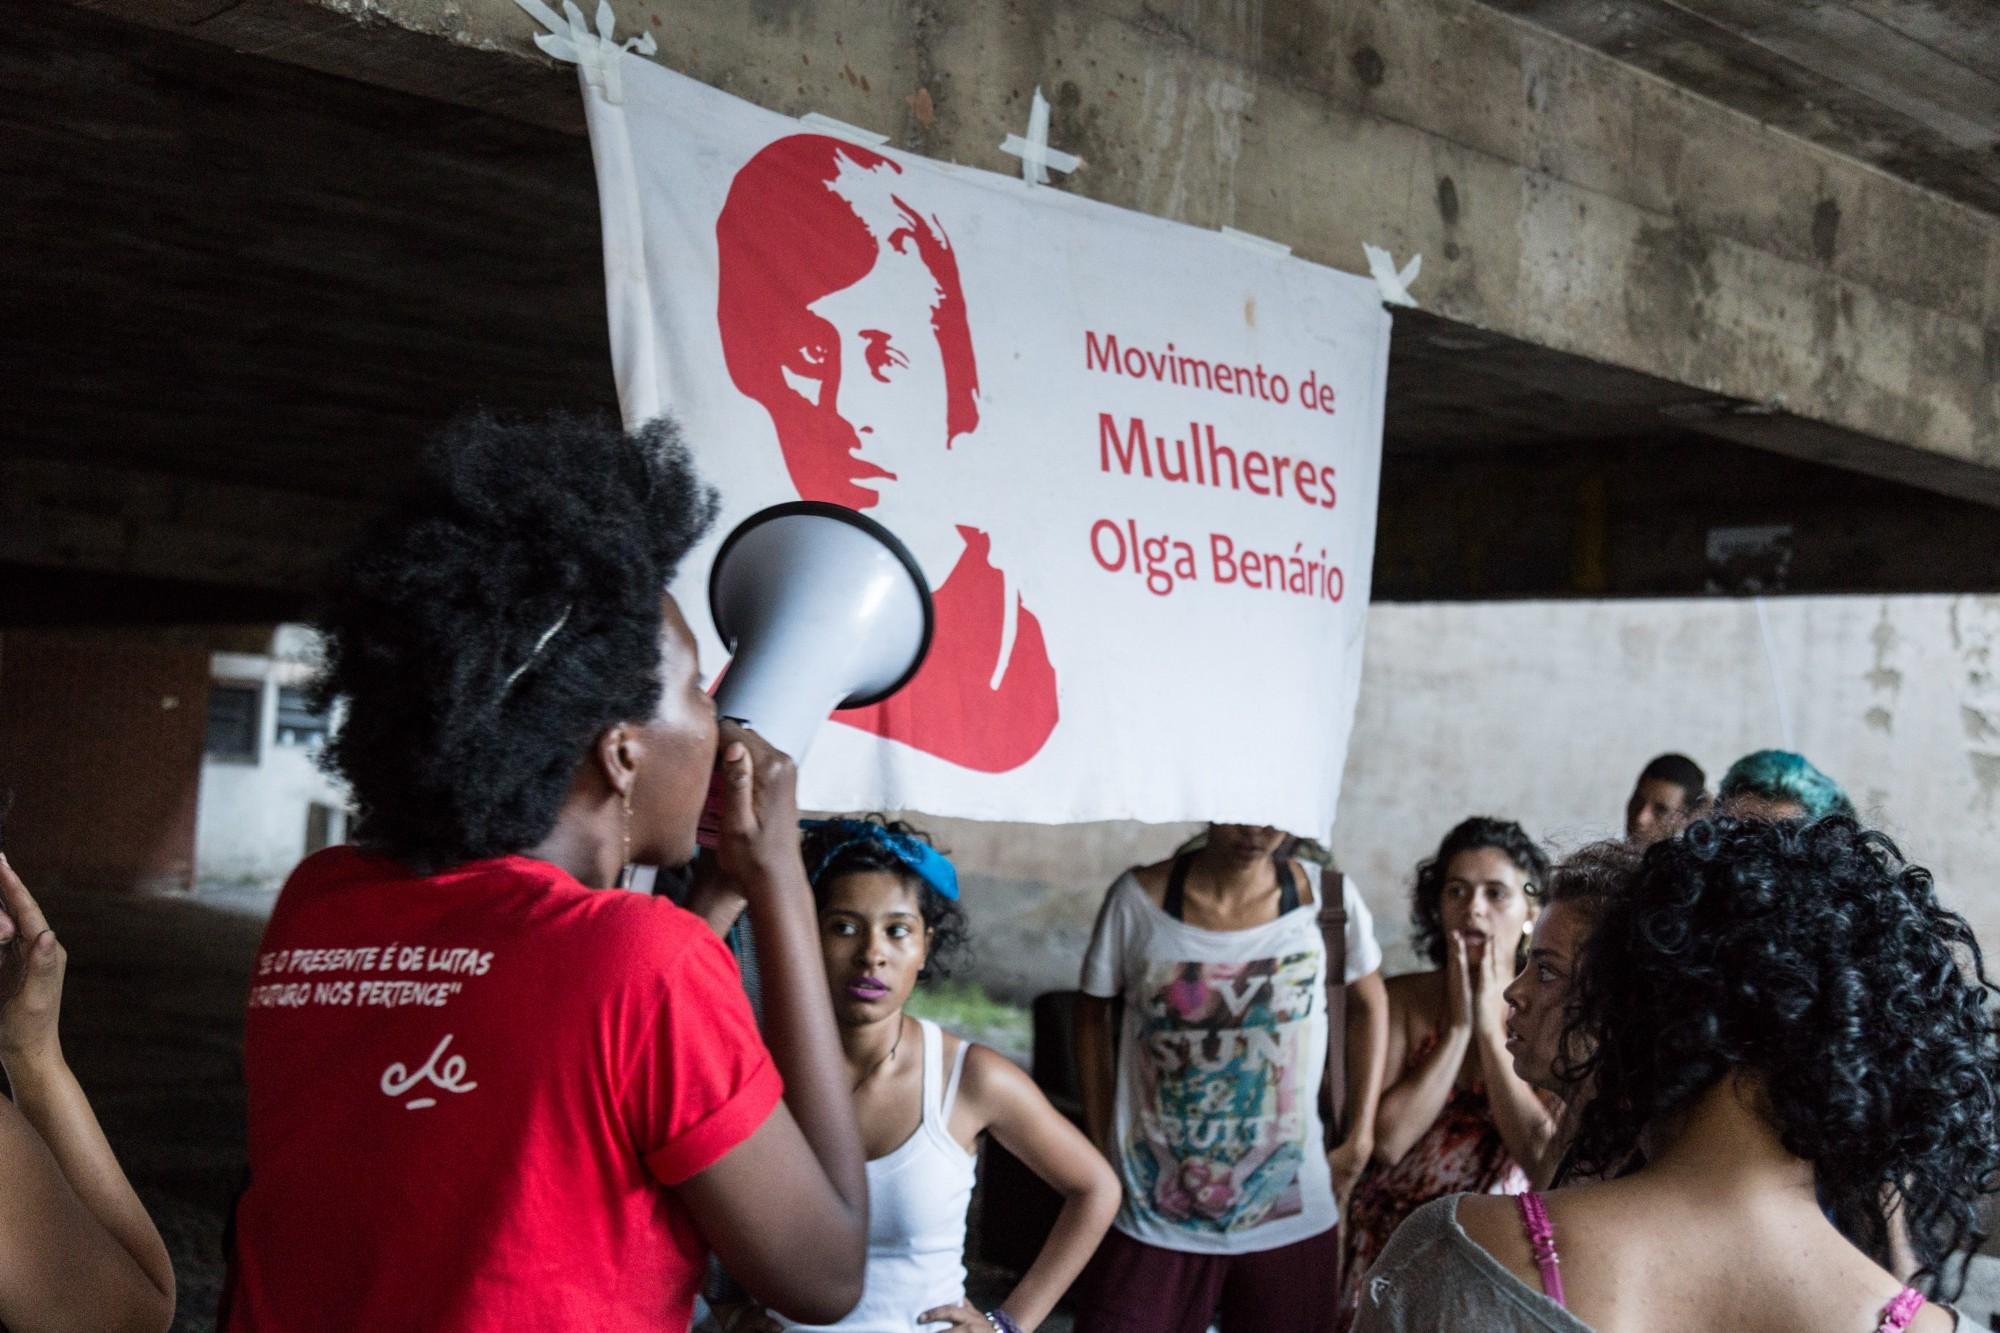 25 JUL 2017 (Mauá-SP) Movimento de Mulheres Olga Benário ocupa casa abandonada